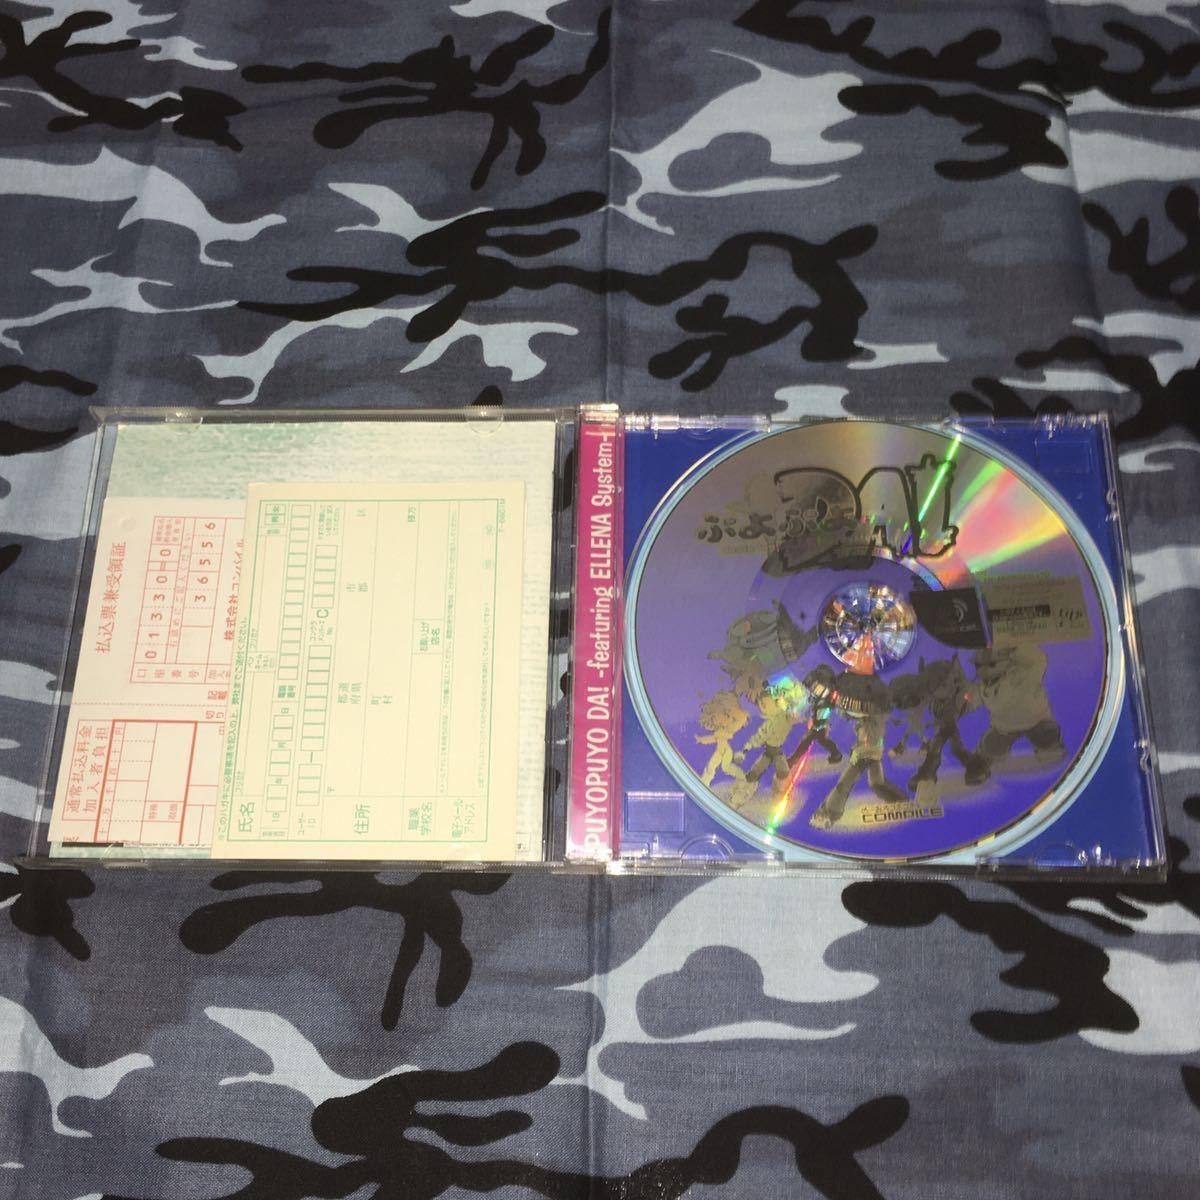 ぷよぷよDA! ドリームキャスト 動作確認済み 送料無料 匿名配送 Dreamcast DC